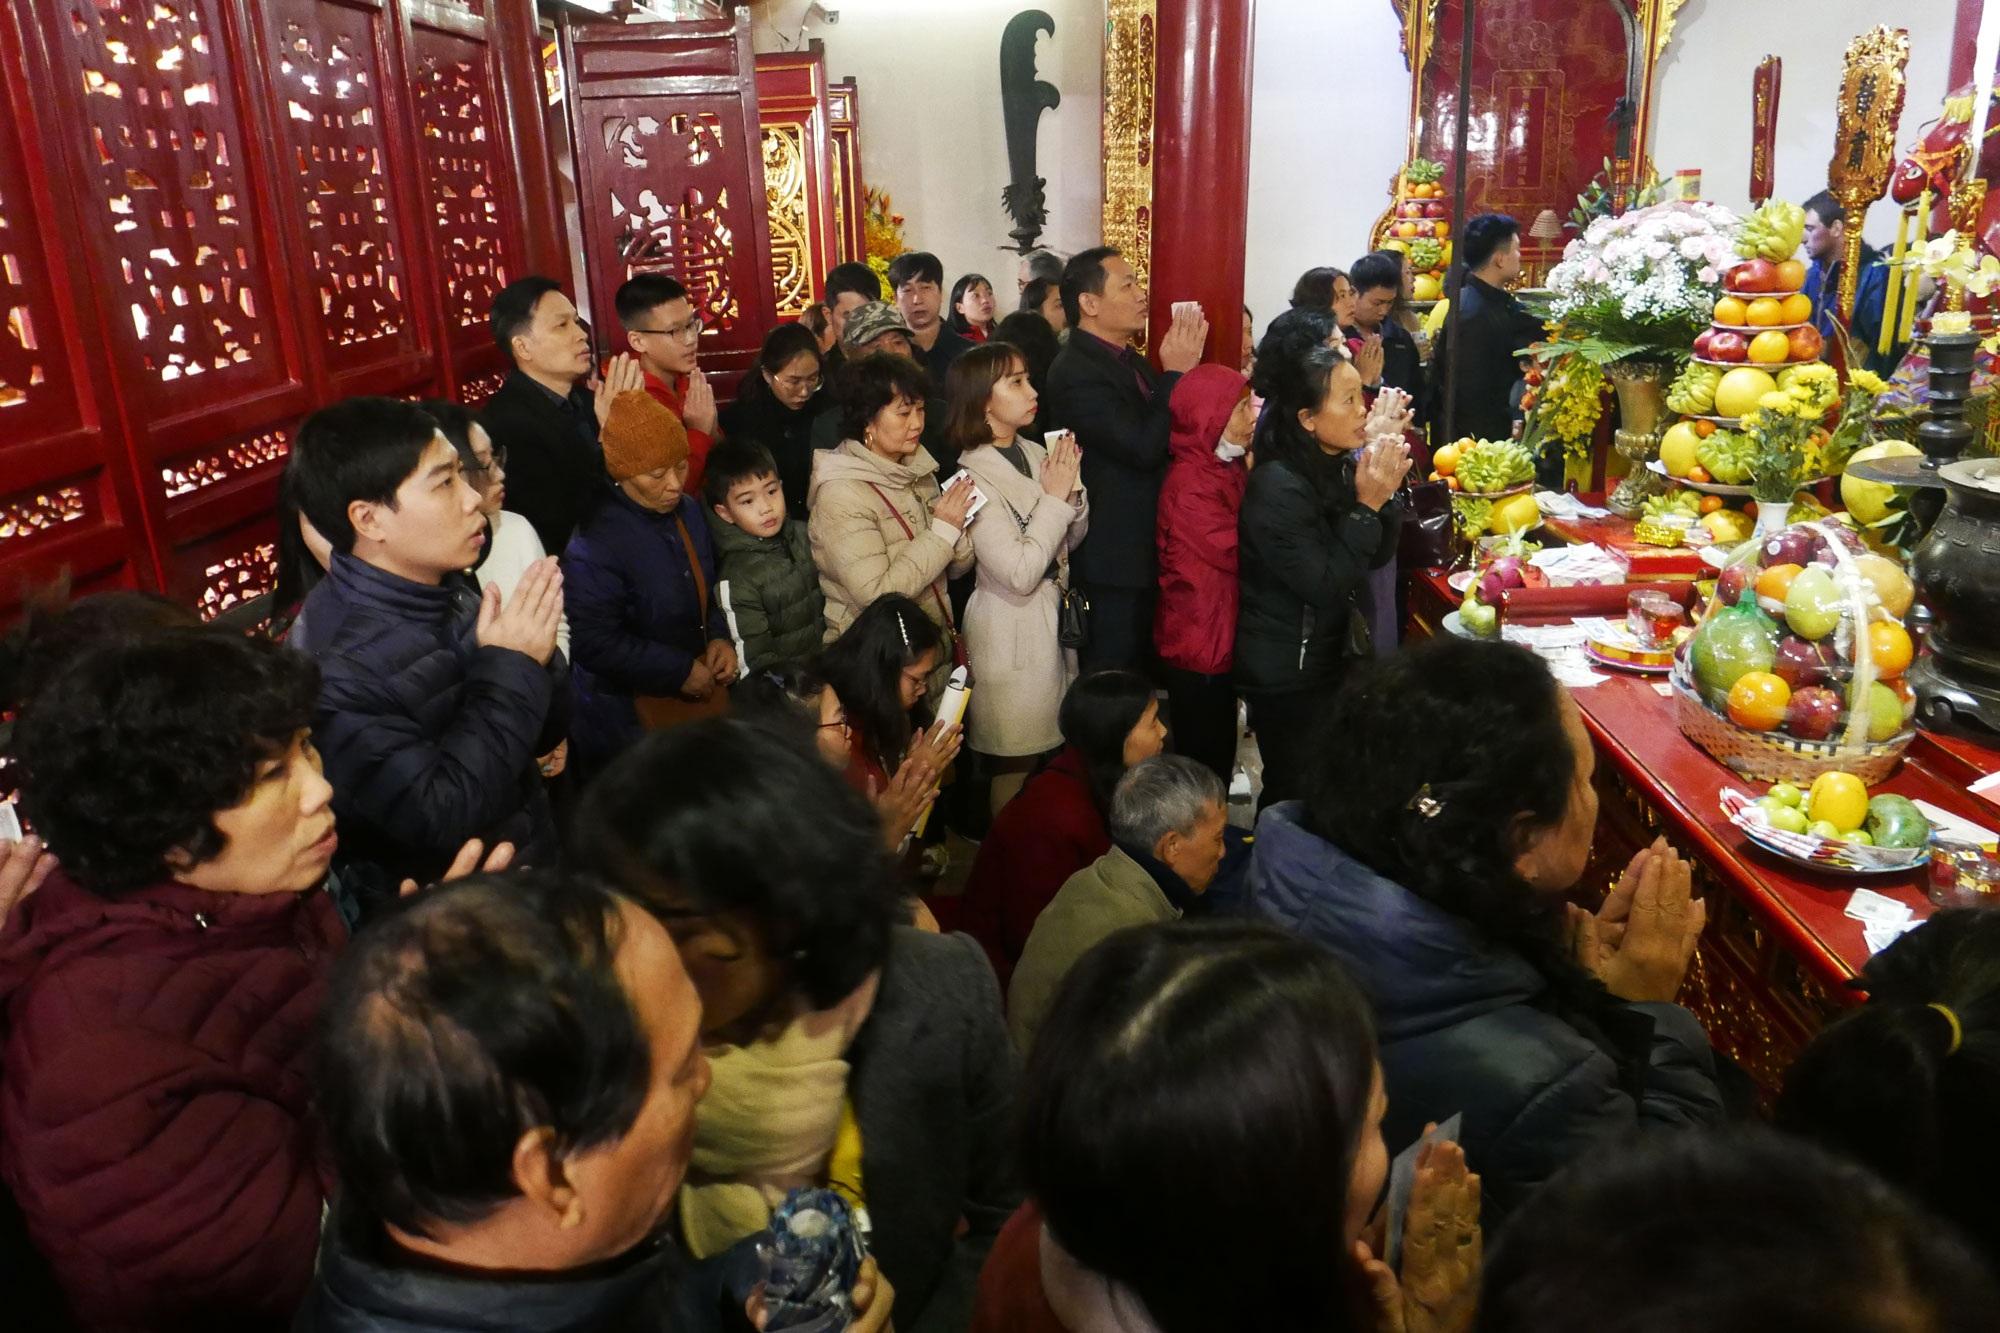 Cảnh lễ đền dưới mưa xuân tuyệt đẹp ở Hà Nội ngày mùng 1 Tết - 15